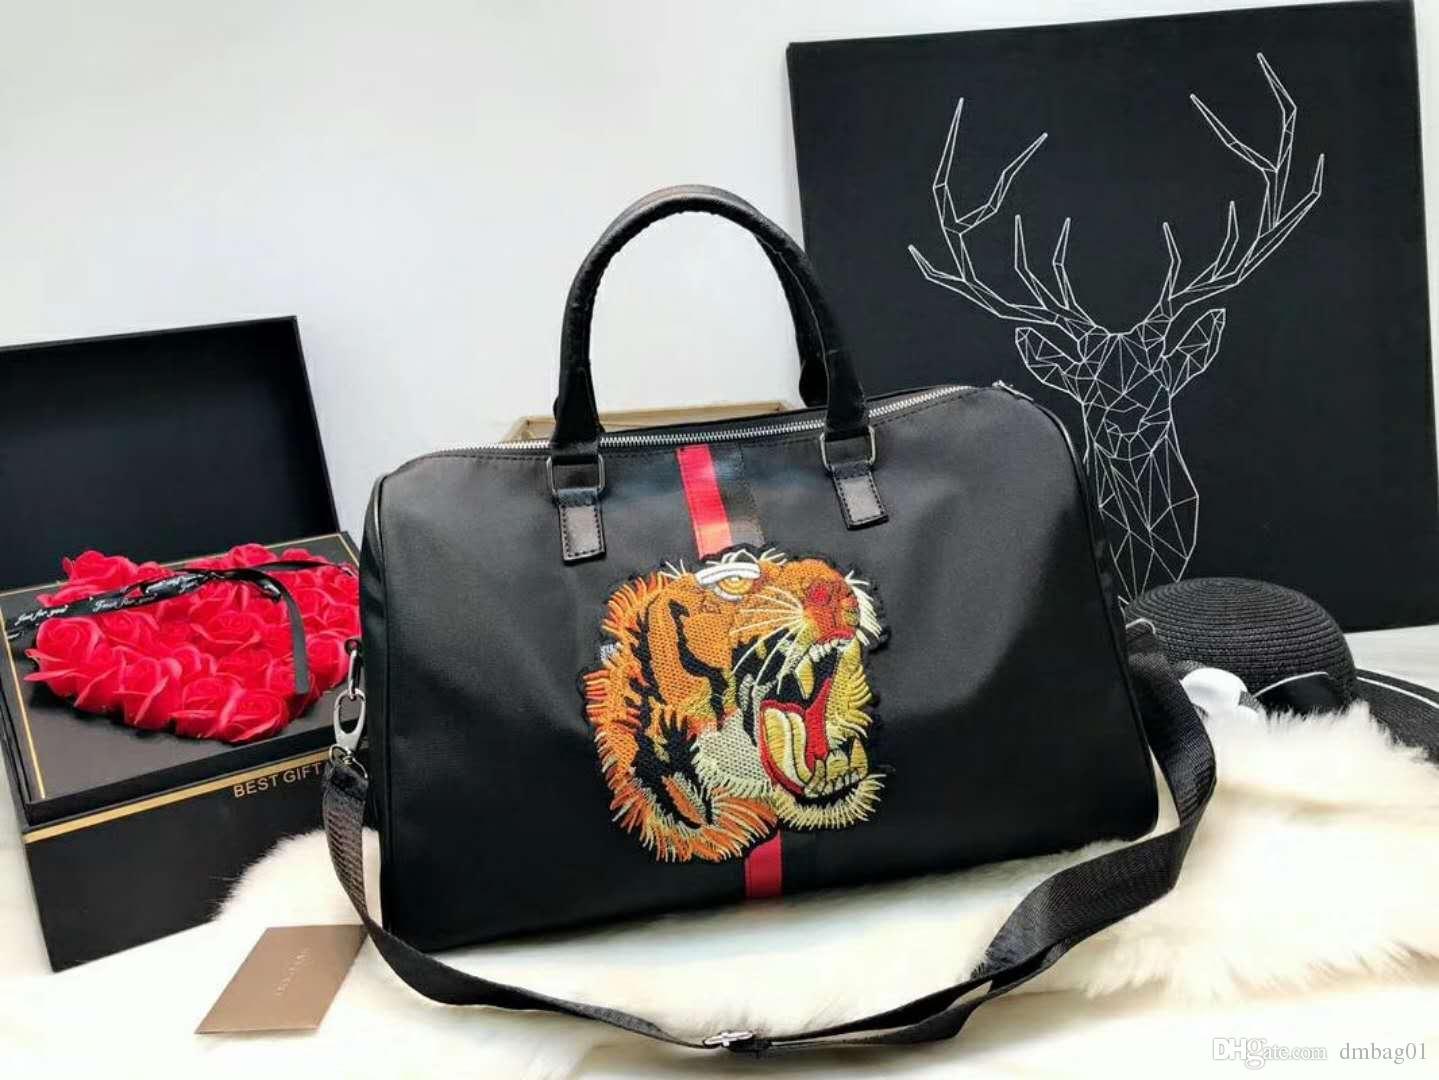 7b8a2a383ed67 Bordados De Rosada Del Sugao Diseñador Bolsa Compre Bolsos Del Lona zC5gBxnP